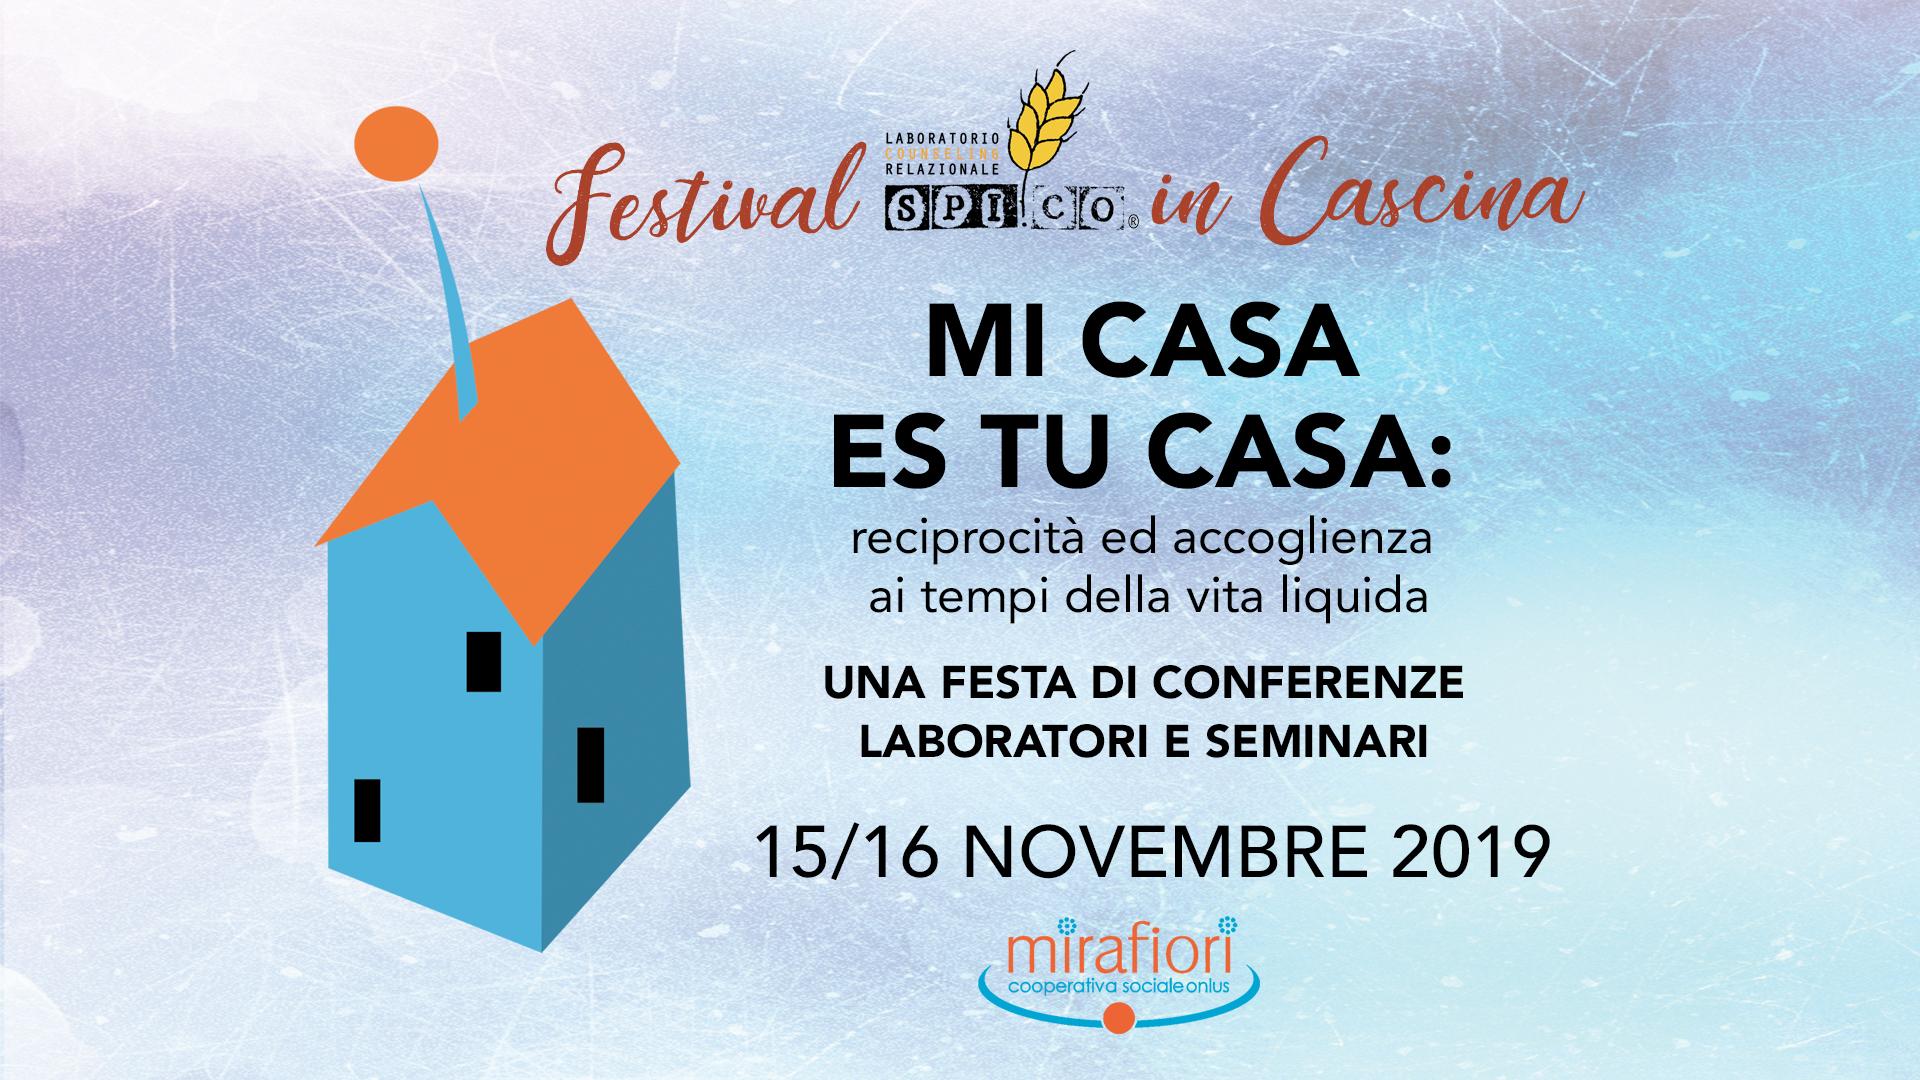 MI CASA ES TU CASA – UNA FESTA DI CONFERENZE LABORATORI E SEMINARI – 15 e 16 NOVEMBRE 2019